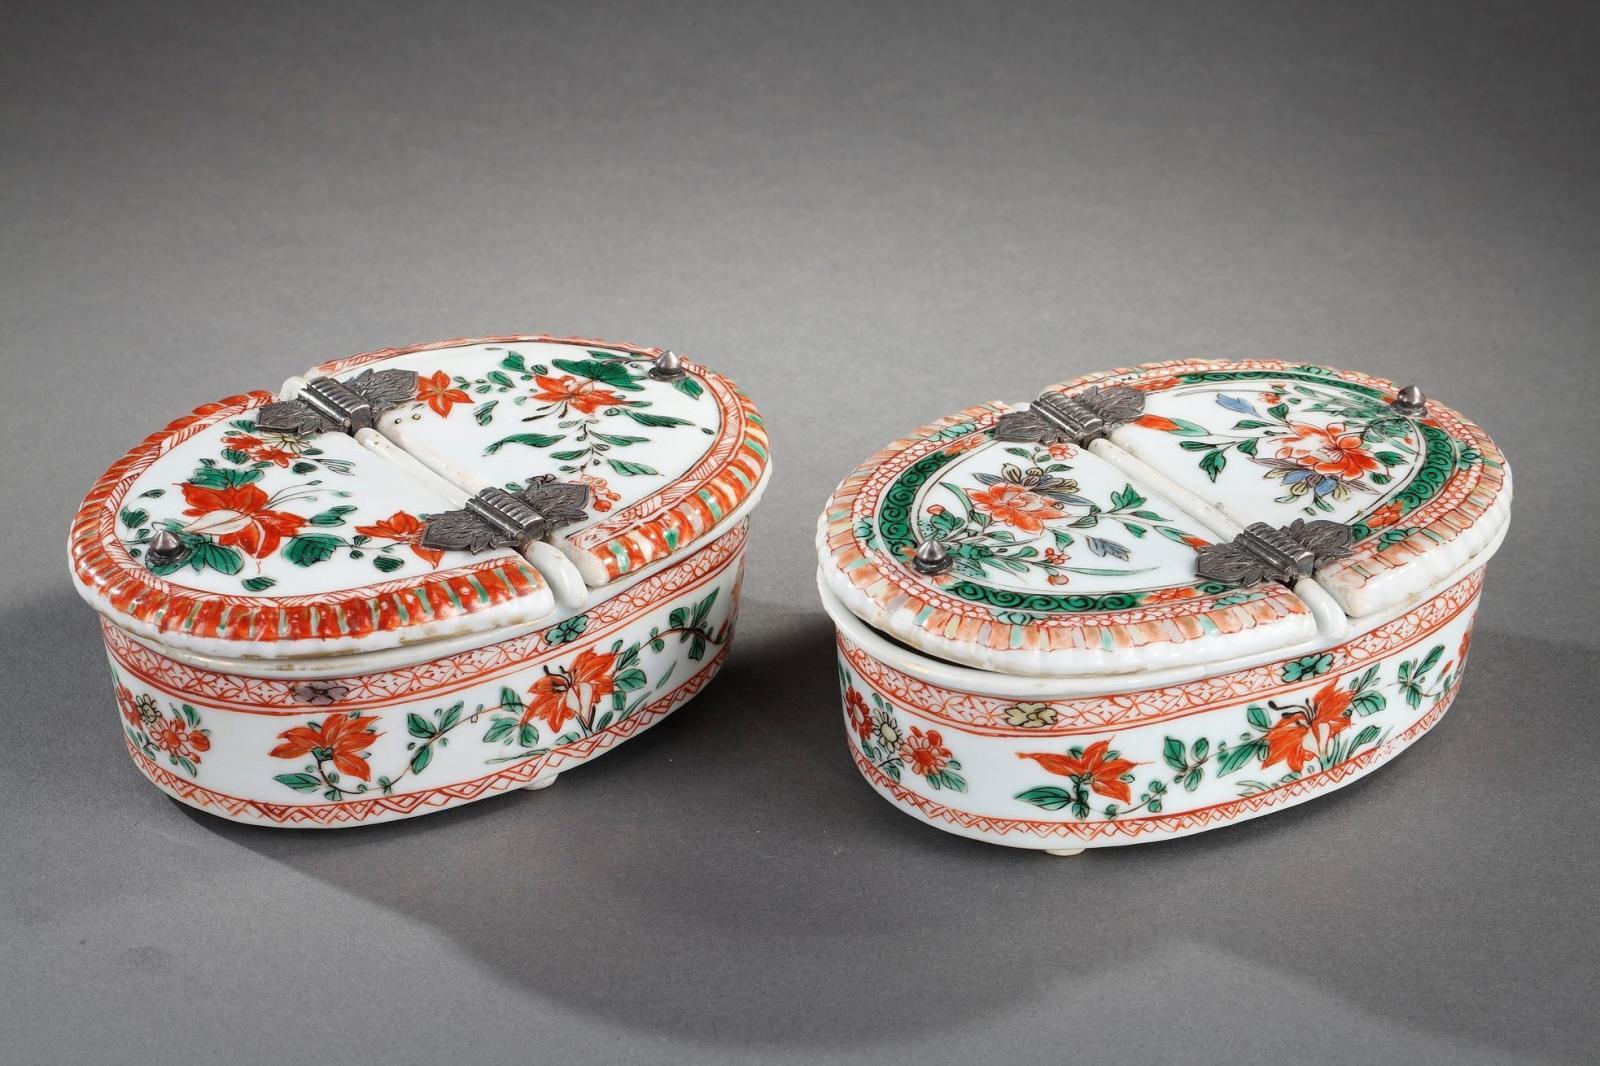 Paire de boîtes à épices en porcelaine famille verte. Chine, époque Kangxi (1662-1722). Courtesy Galerie Bertrand Delavergne